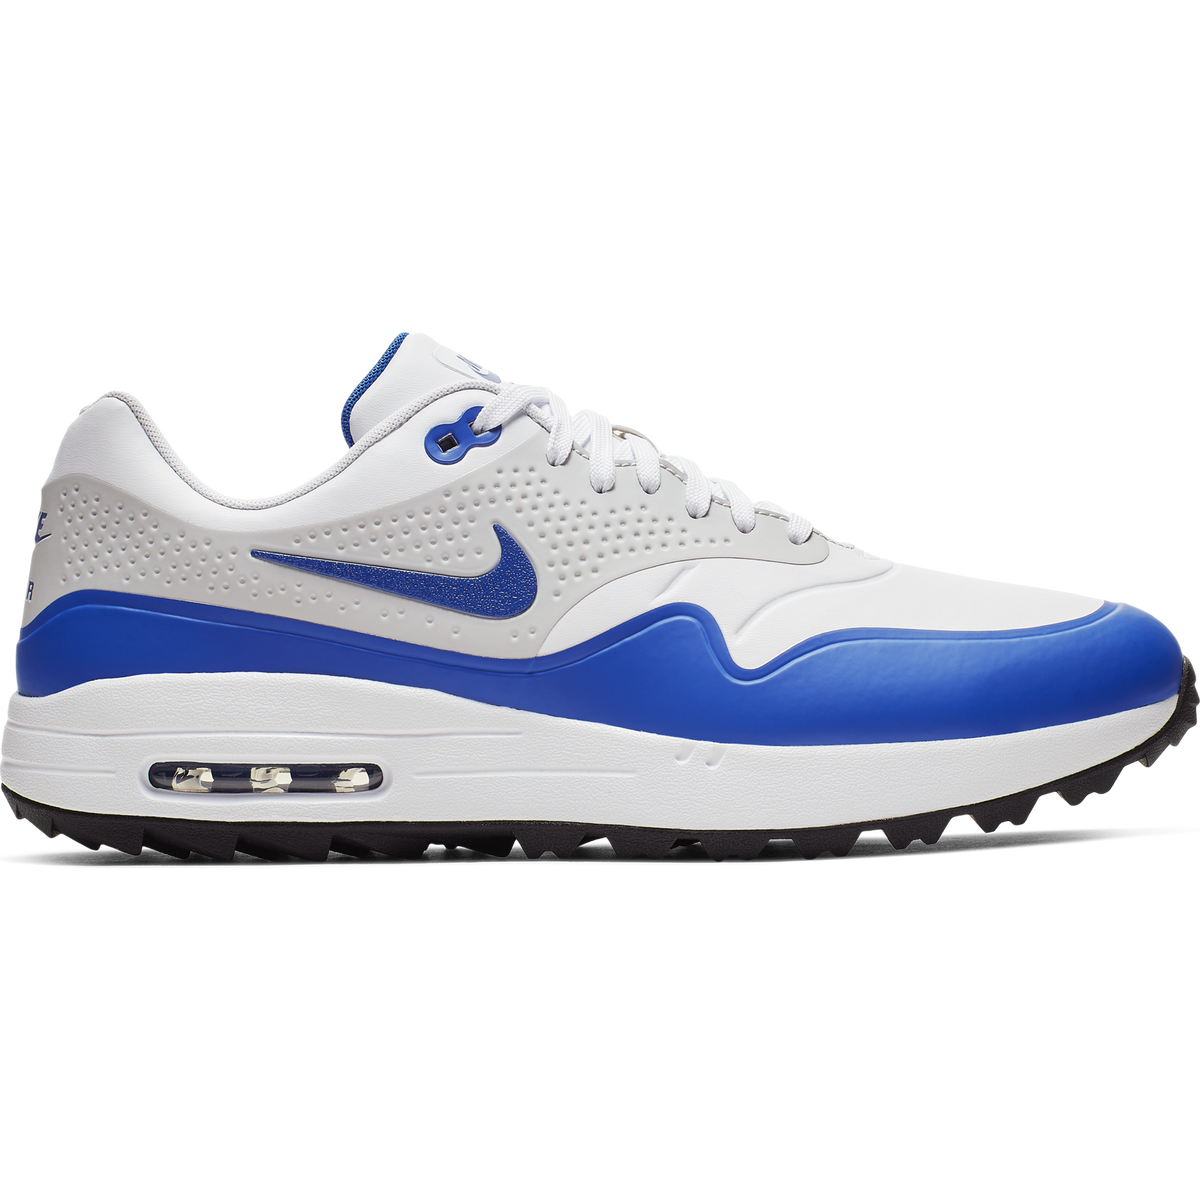 best service 398e2 2d19d Air Max 1 G Men  39 s Golf Shoe - White Blue Zoom Image